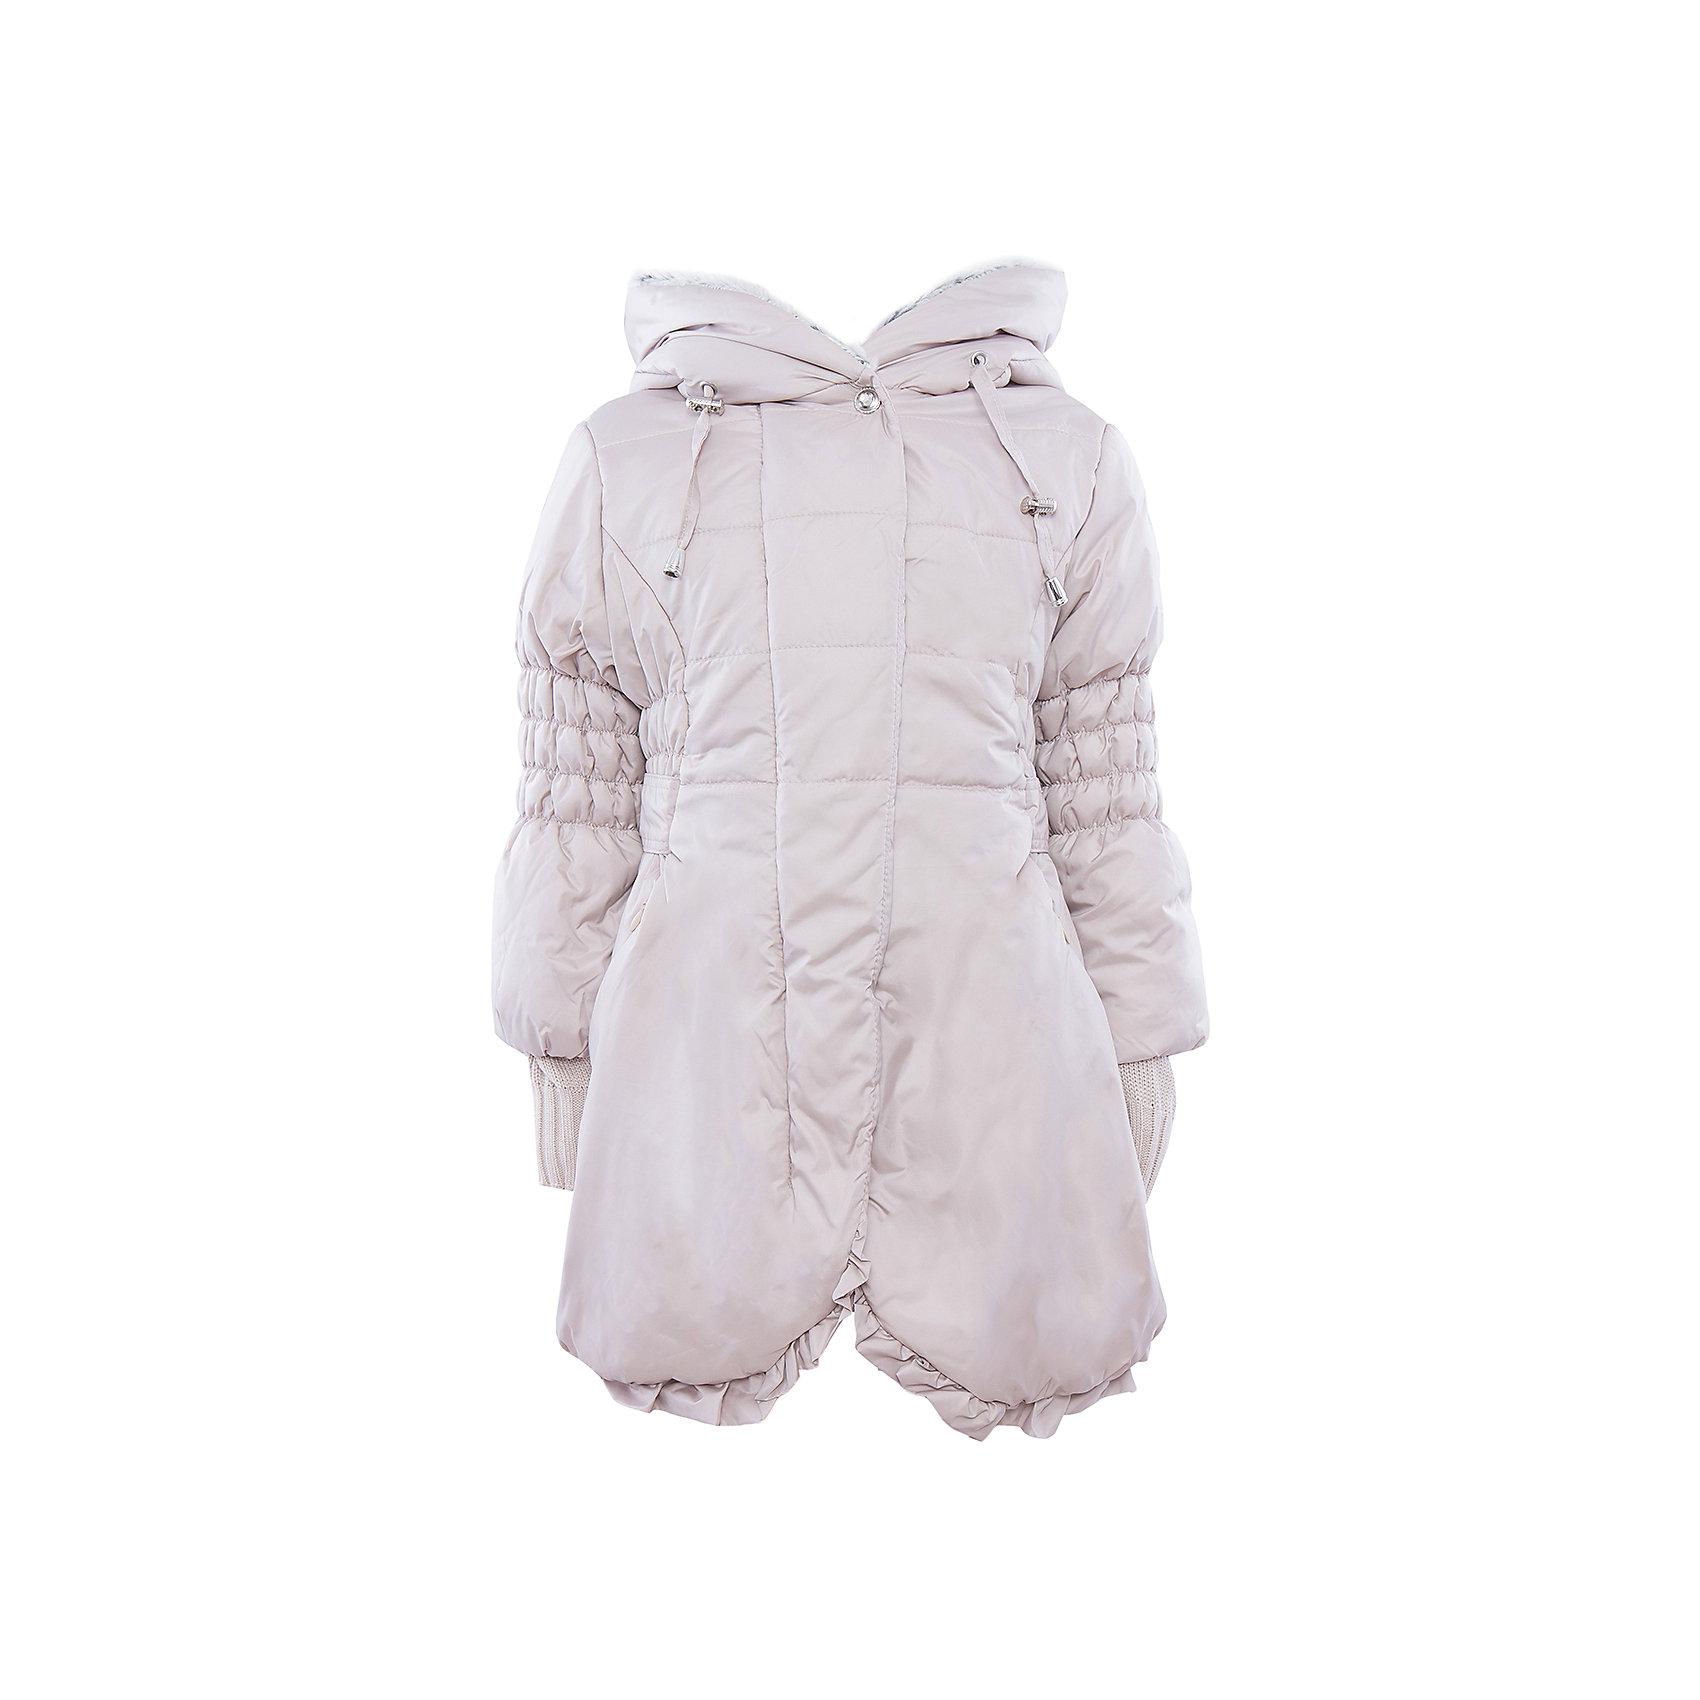 Куртка АртельКуртка от известного бренда Артель<br>Удлиненная куртка для девочки с капюшоном на мягком искусственном мехе. По линии талии имеется регулируемый пояс-хлястик, который позволяет подогнать куртку по-фигуре, в рельефном шве есть удобный карман на молнии. На рукавах куртки имеются удлиненные трикотажные напульсники с отверстием для большого пальца.<br>Состав:<br>Верх: F Multi <br>Утеплитель: термофайбер 200 гр<br>Подкладка: интерлок,тиси<br><br>Ширина мм: 356<br>Глубина мм: 10<br>Высота мм: 245<br>Вес г: 519<br>Цвет: бежевый<br>Возраст от месяцев: 36<br>Возраст до месяцев: 48<br>Пол: Женский<br>Возраст: Детский<br>Размер: 104,122,98,110,116<br>SKU: 4963578